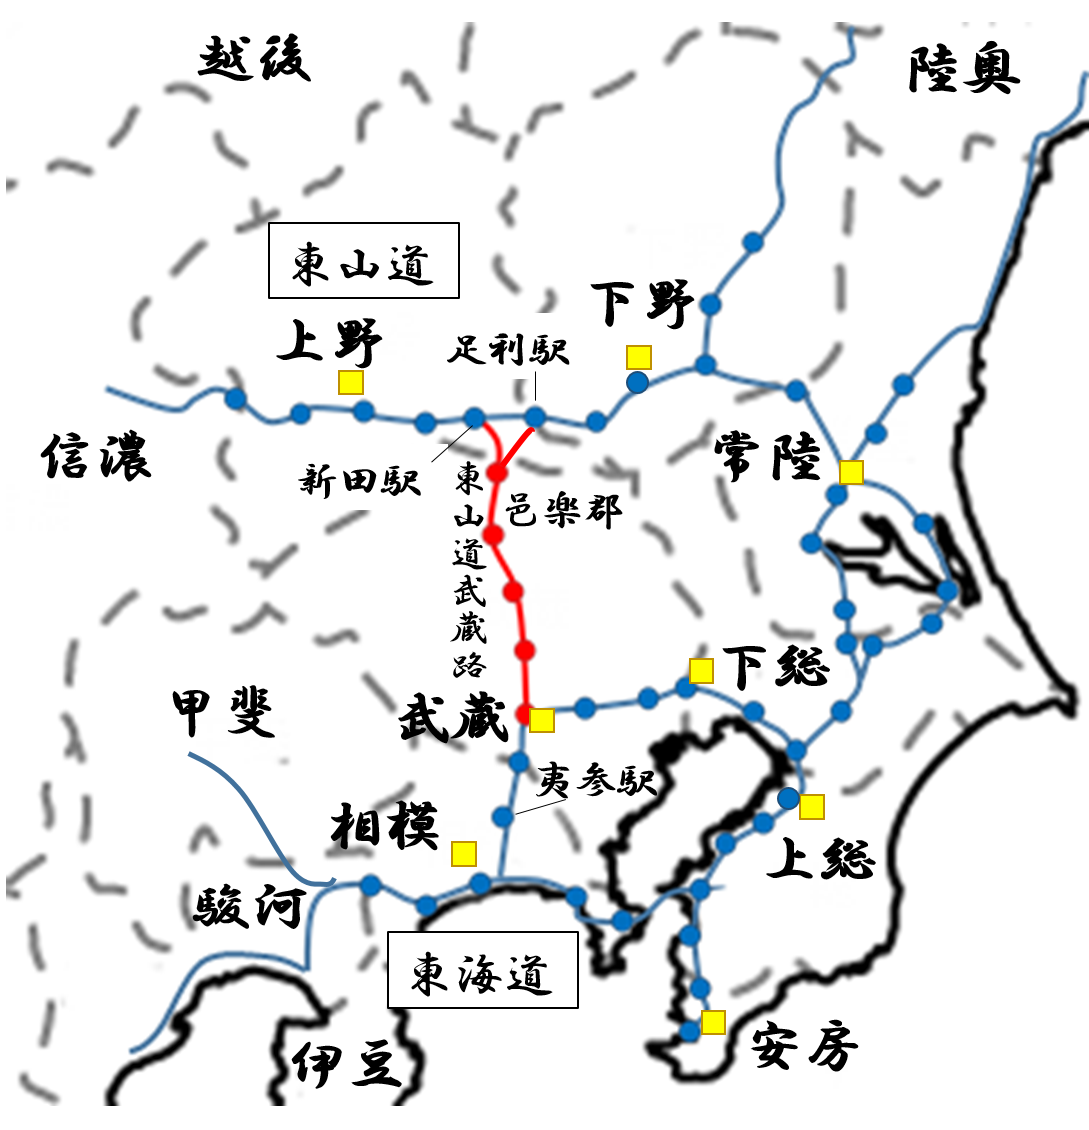 武蔵国は東山道に属していた時期があった